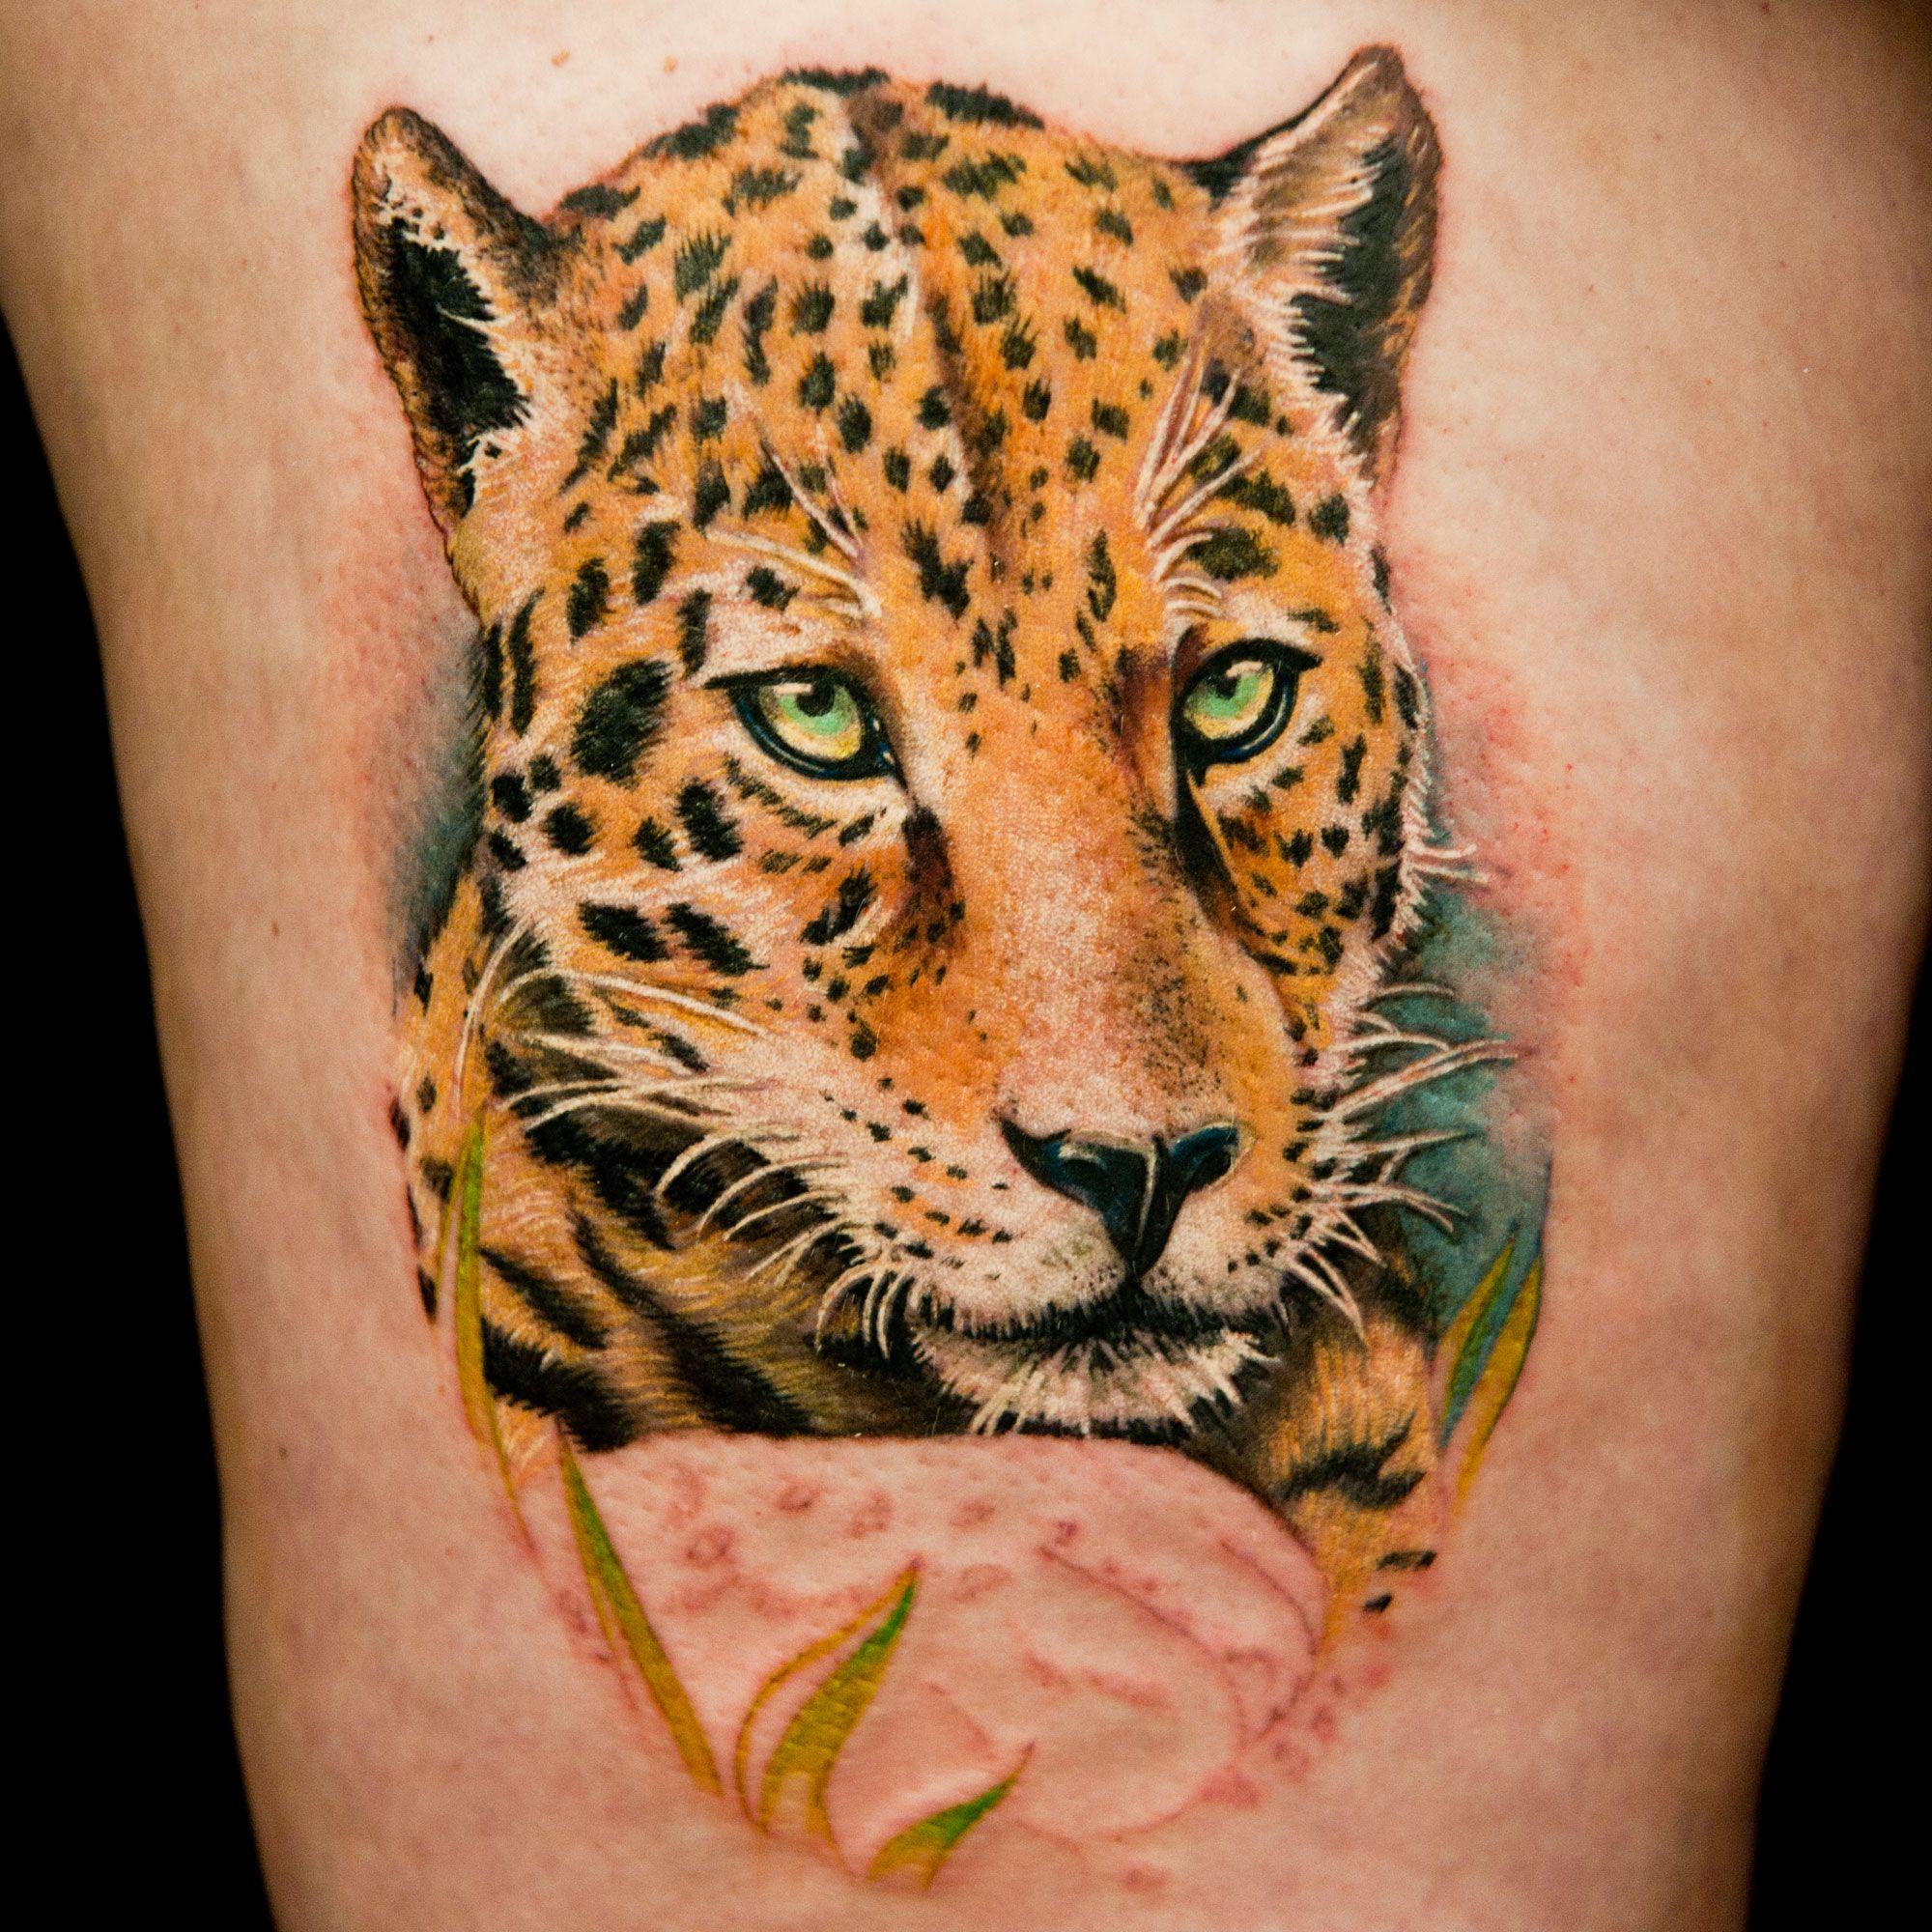 Ink Master Leopard Tattoos Cheetah Tattoo Cheetah Print Tattoos